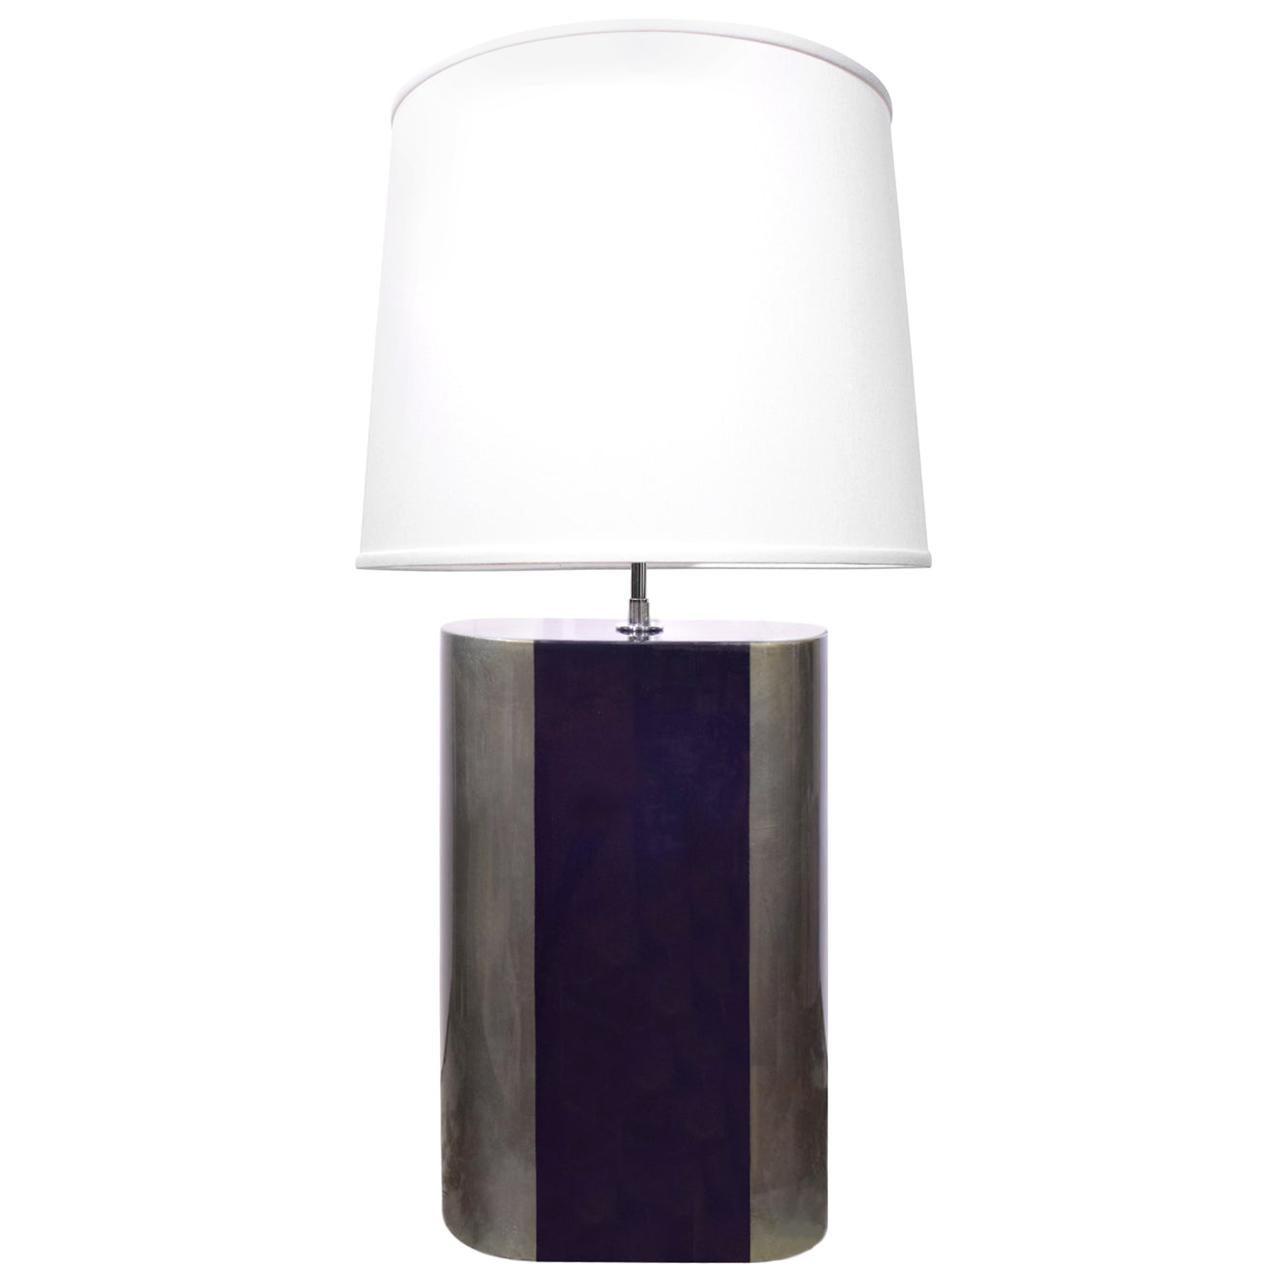 Karl Springer Chic Artisan Table Lamp, 1970s